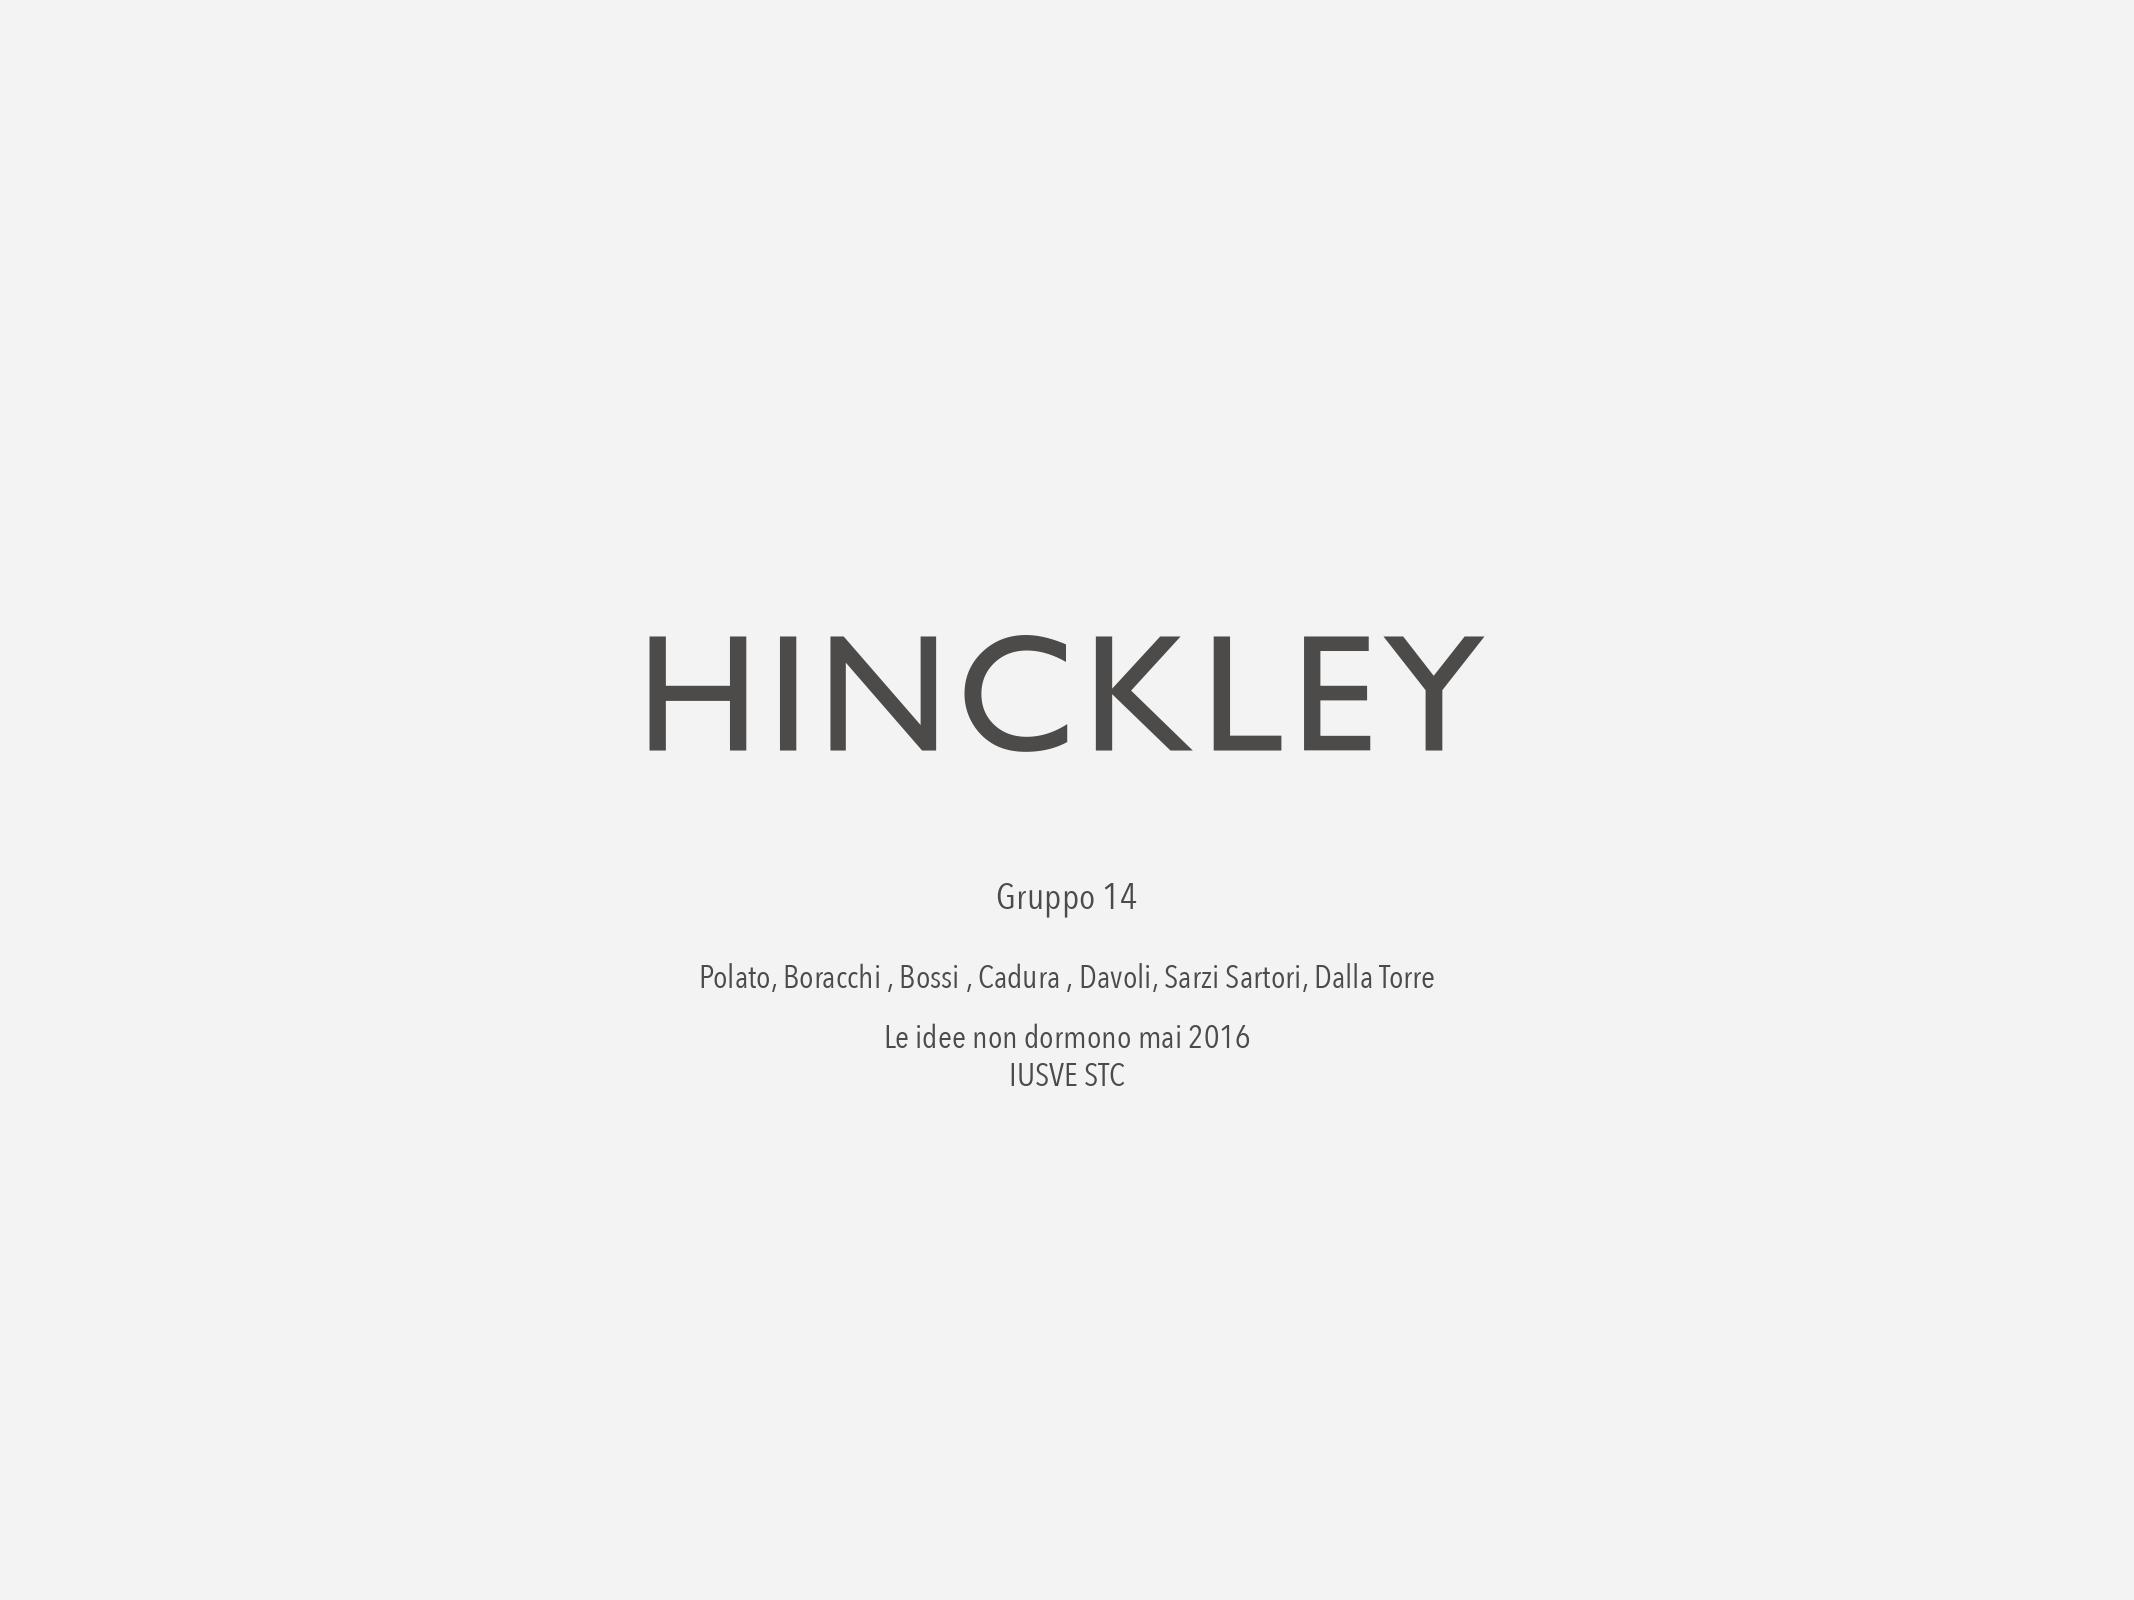 Hinckley Le idee non dormono mai 2016 01